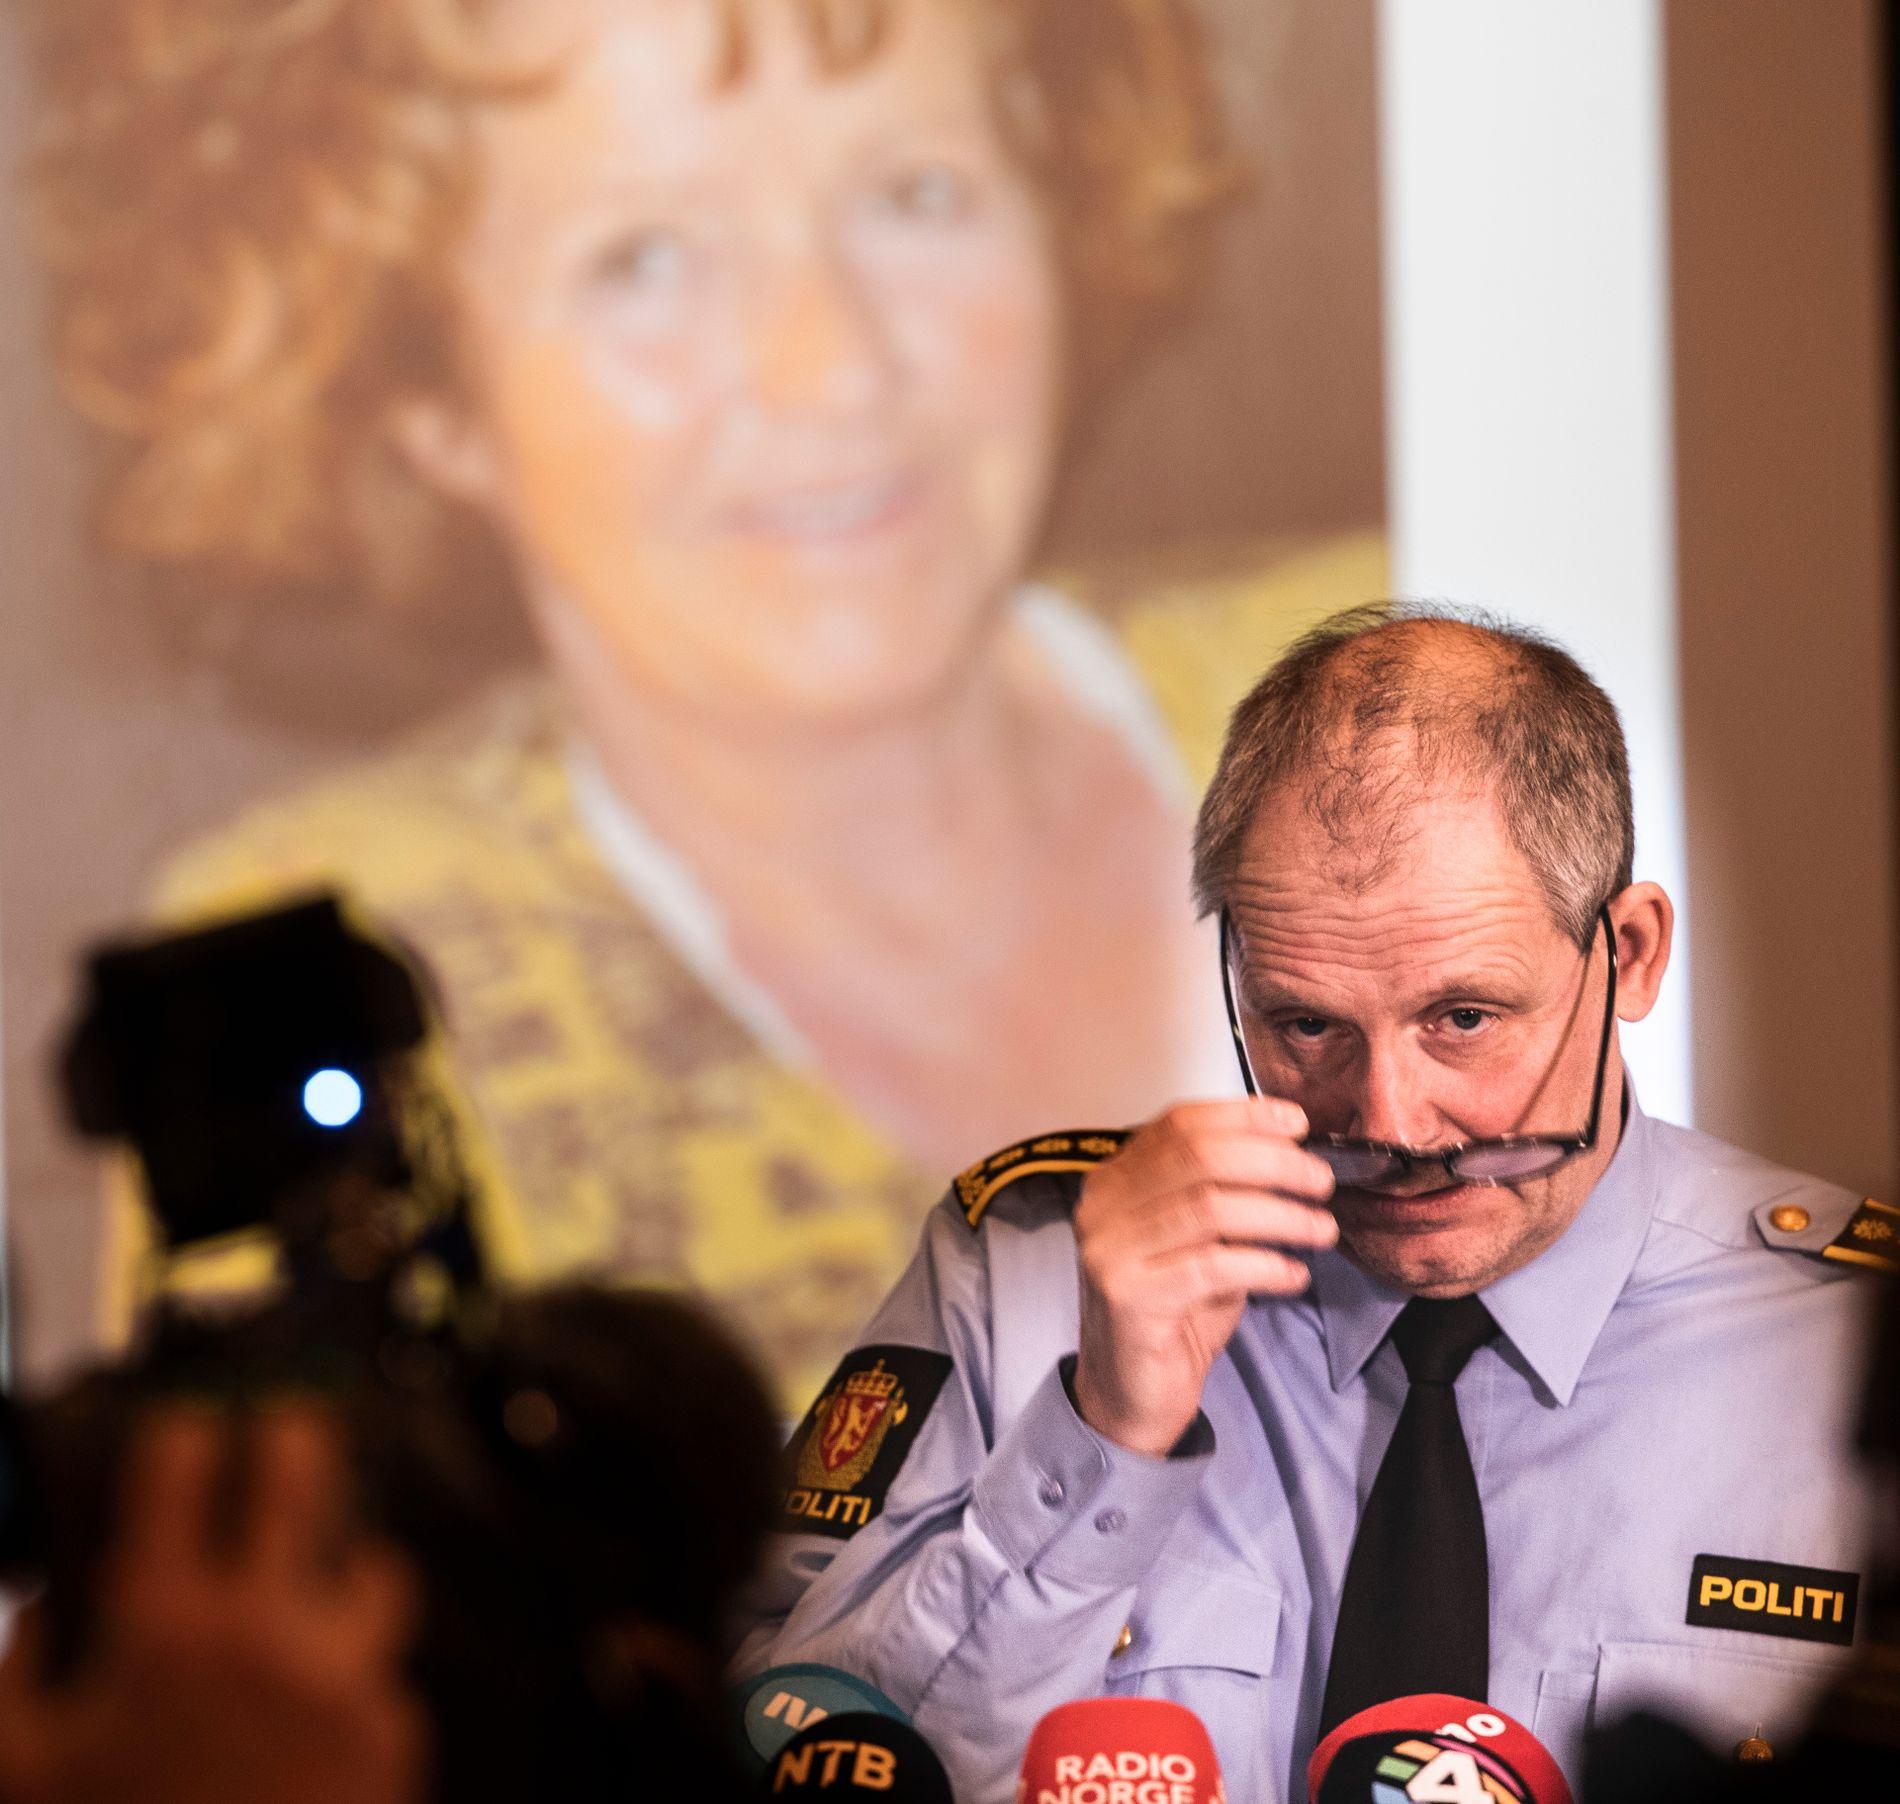 ANSIKTET UTAD: Politiinspektør Tommy Brøske leder en stor gruppe av etterforskere som forsøker å finne ut hva som skjedde med Anne-Elisabeth Hagen.